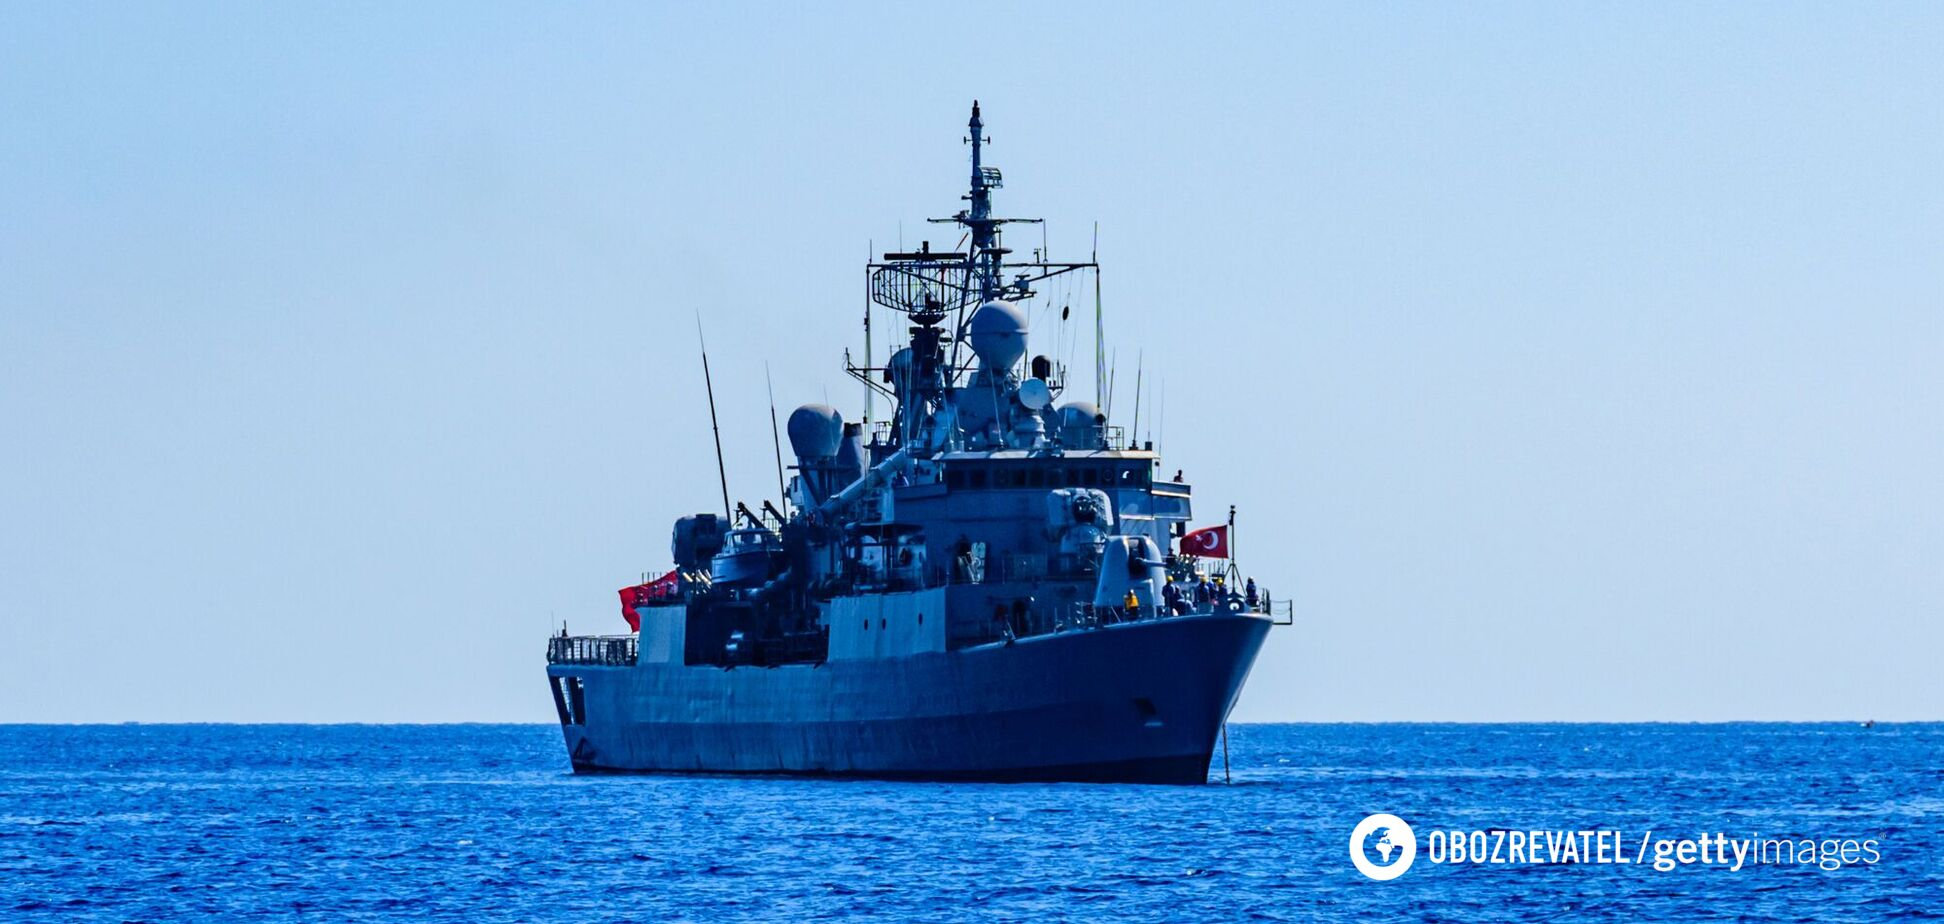 РФ не може перешкоджати суднам у Чорному морі – Селезньов